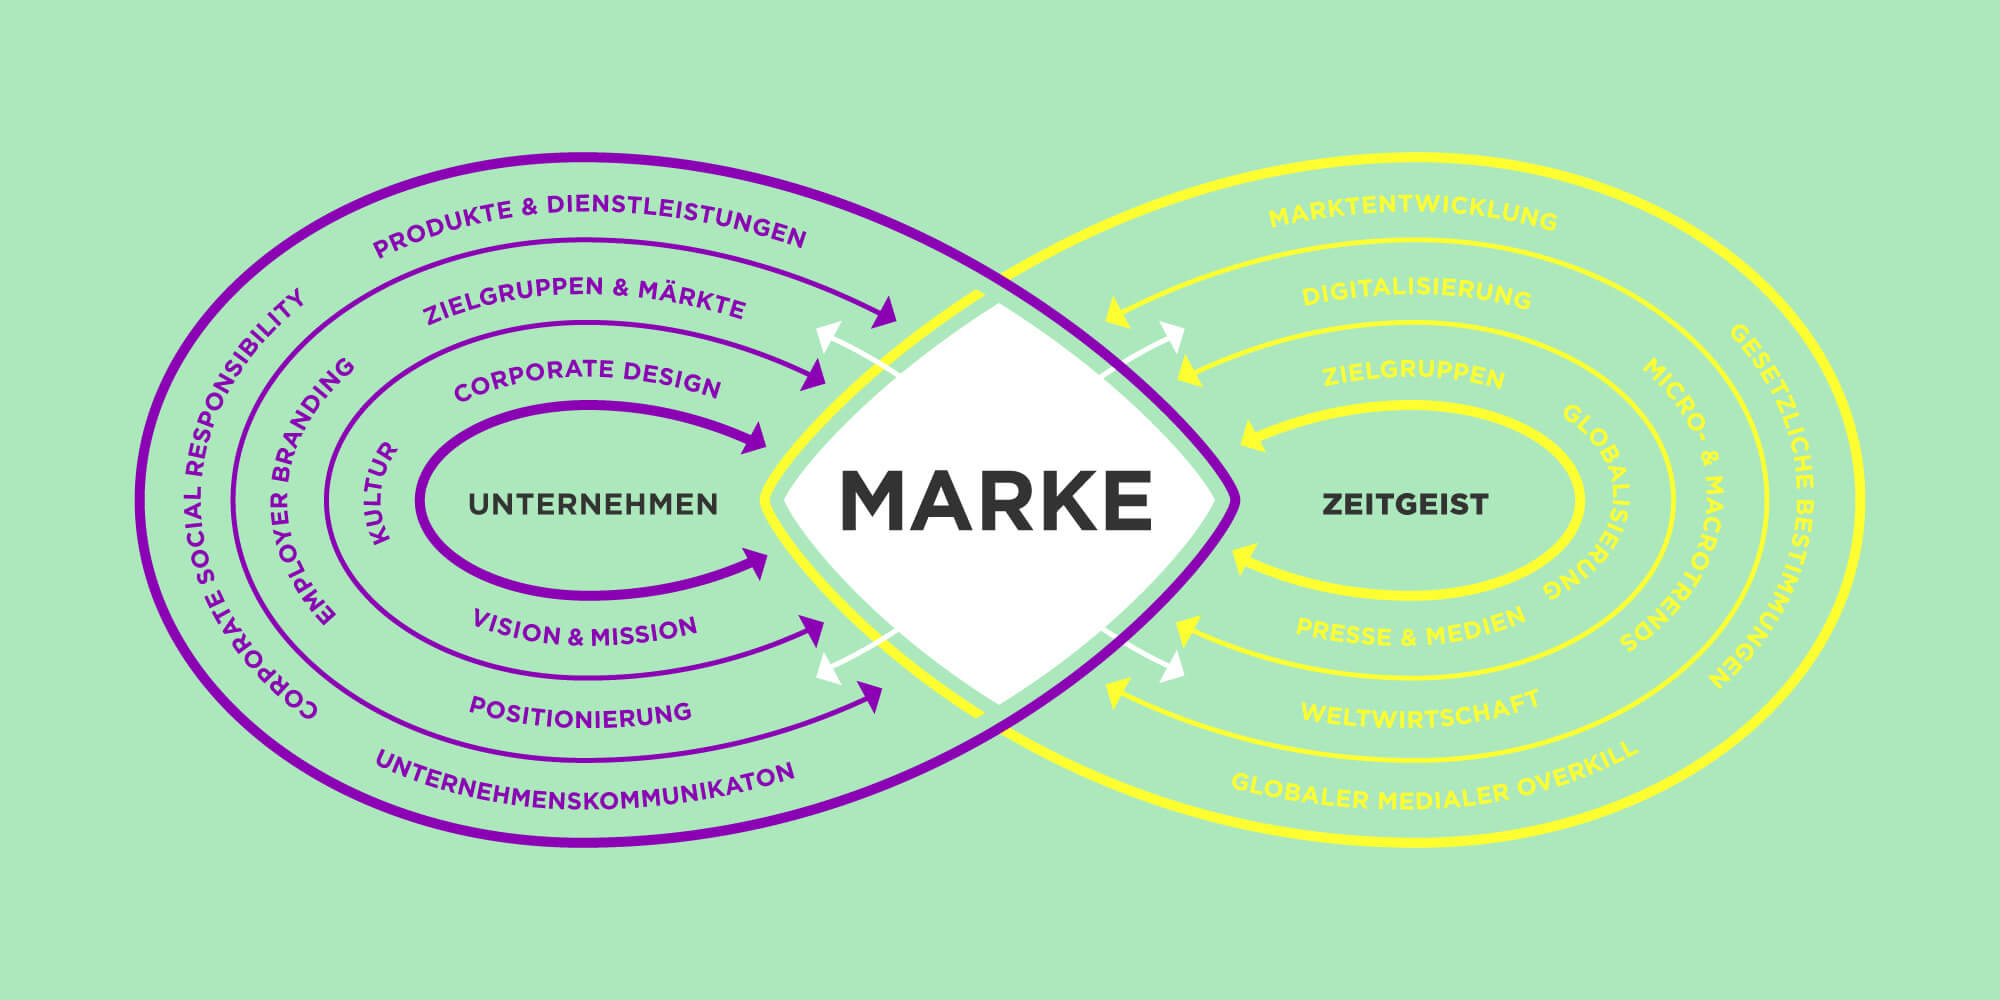 Markenstrategie, Chart Marke, Markendiagramm, Folie Marke